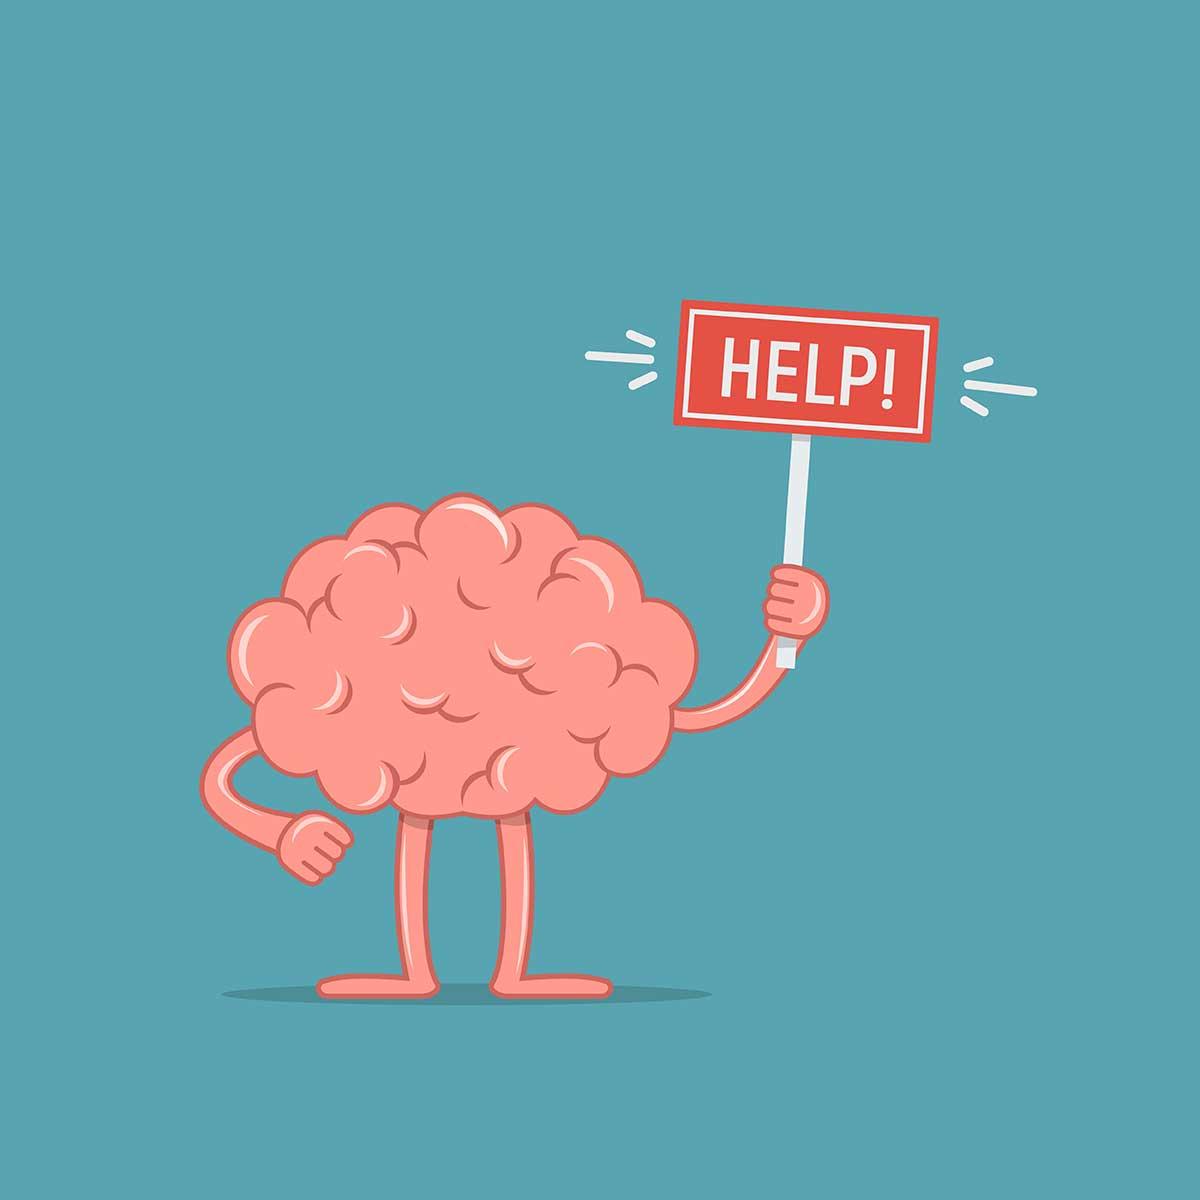 ストレス脳の脳内で起きていること